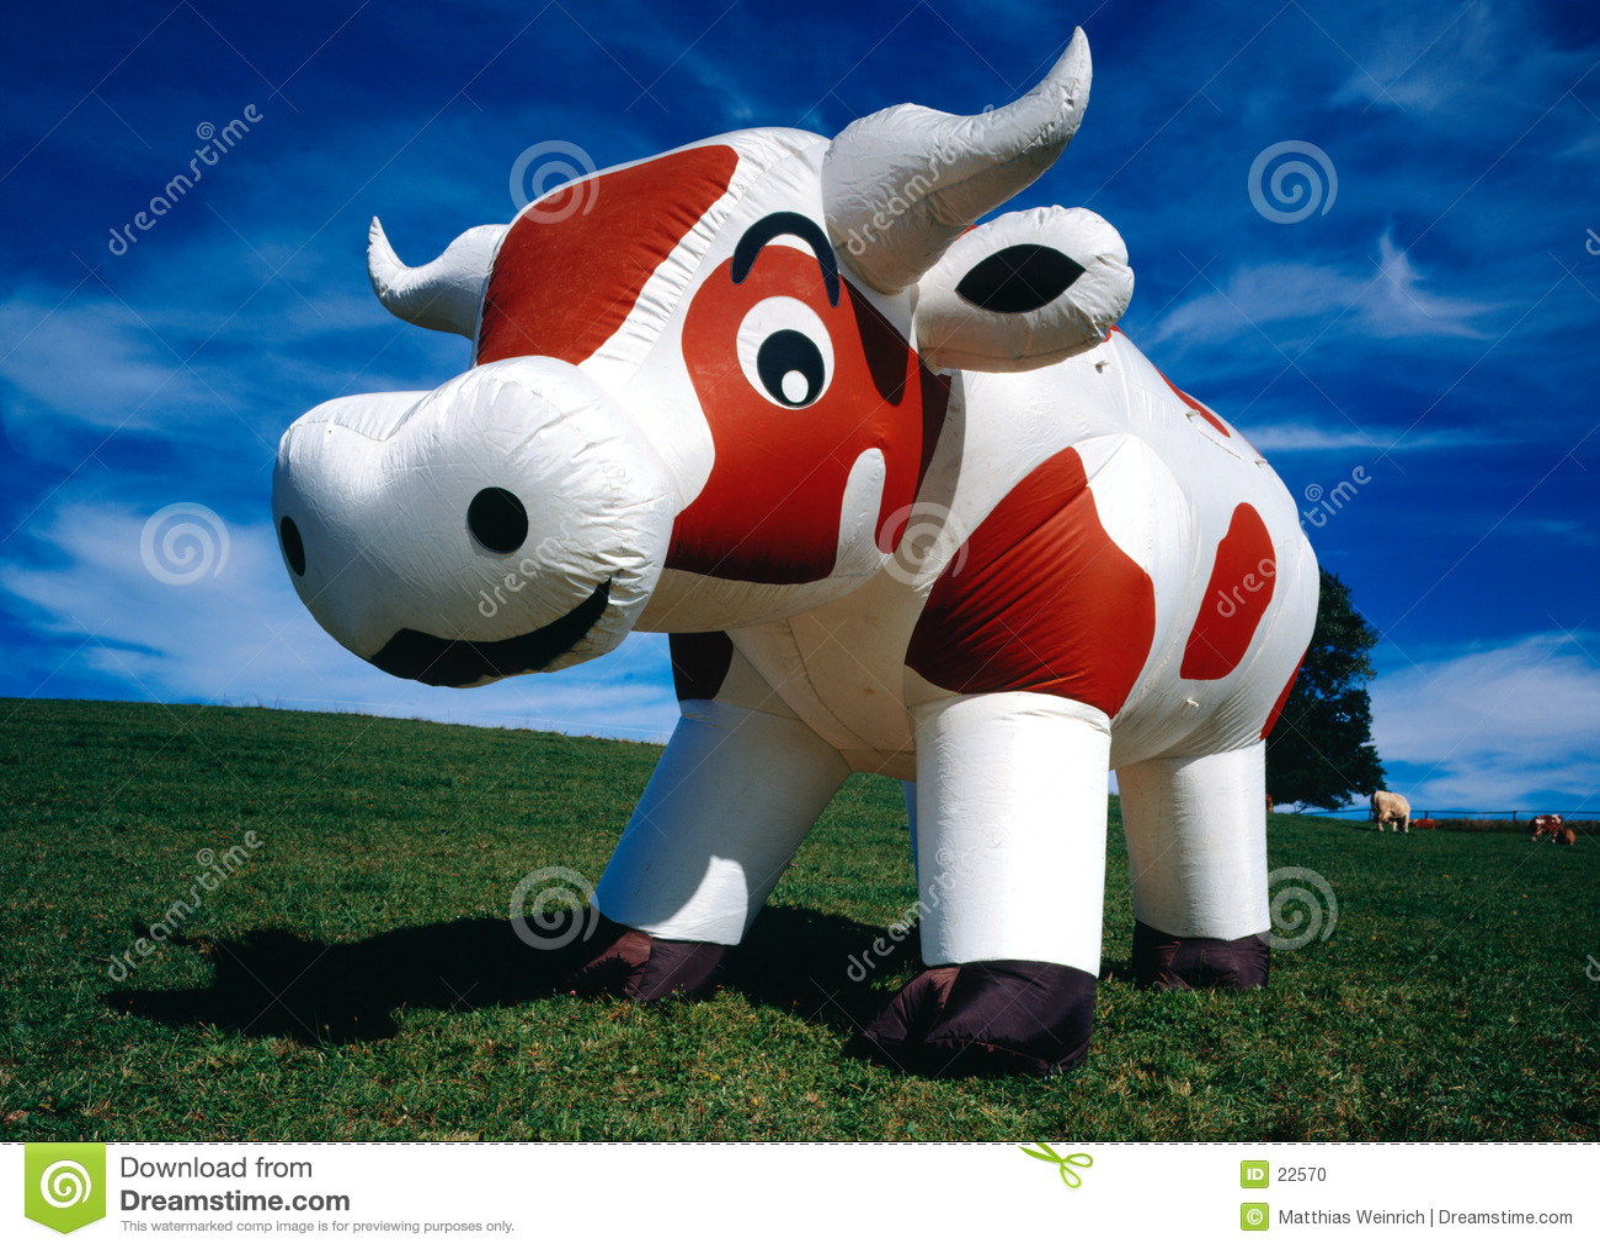 Vaca inflável